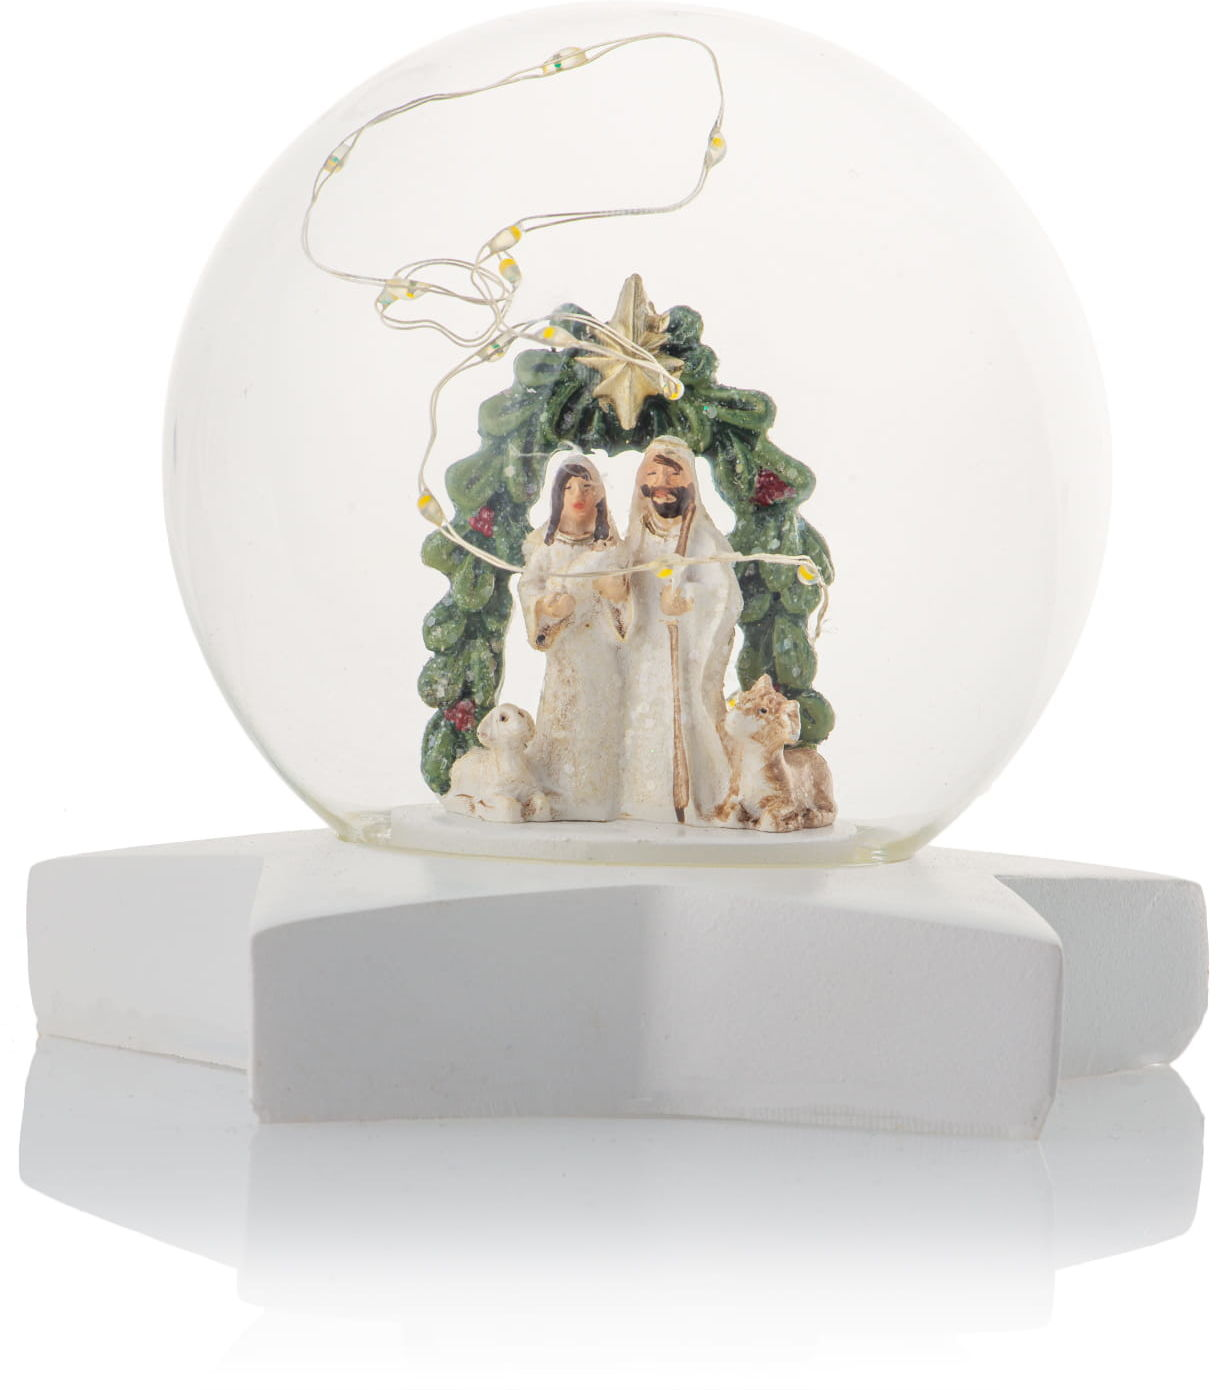 Figurka kula ze Świętą Rodziną, LED